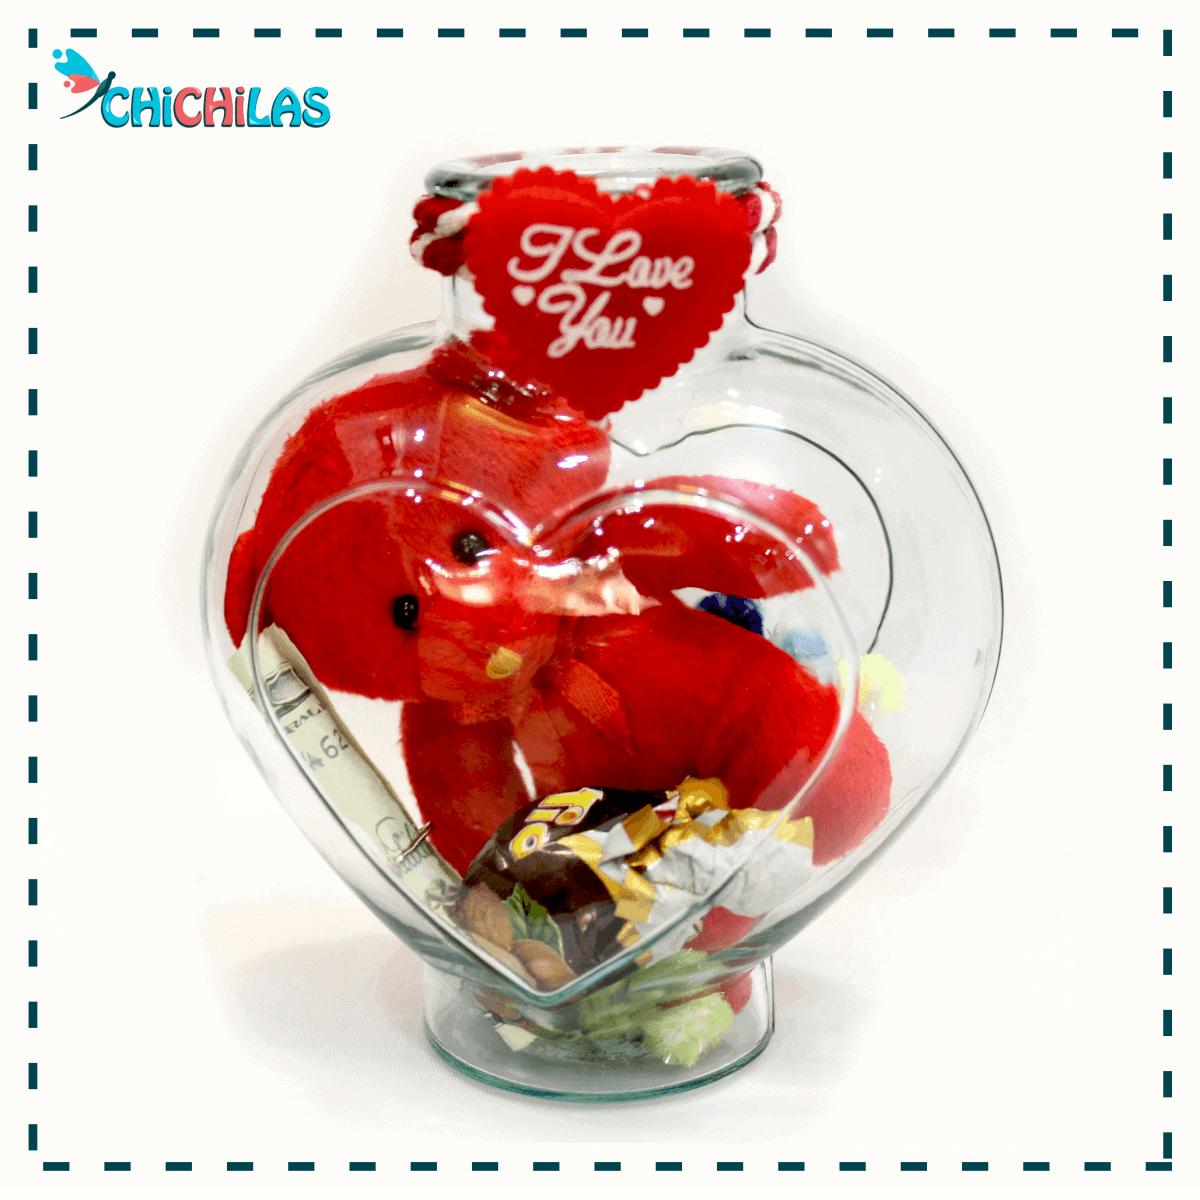 چیچیلاس - شیشه قلبی عروسکی ولنتاین - ولنتاین 98 - خرید عمده شکلات ولنتاین - کادو ولنتاین - هدیه ولنتاین - کادو برای ولنتاین